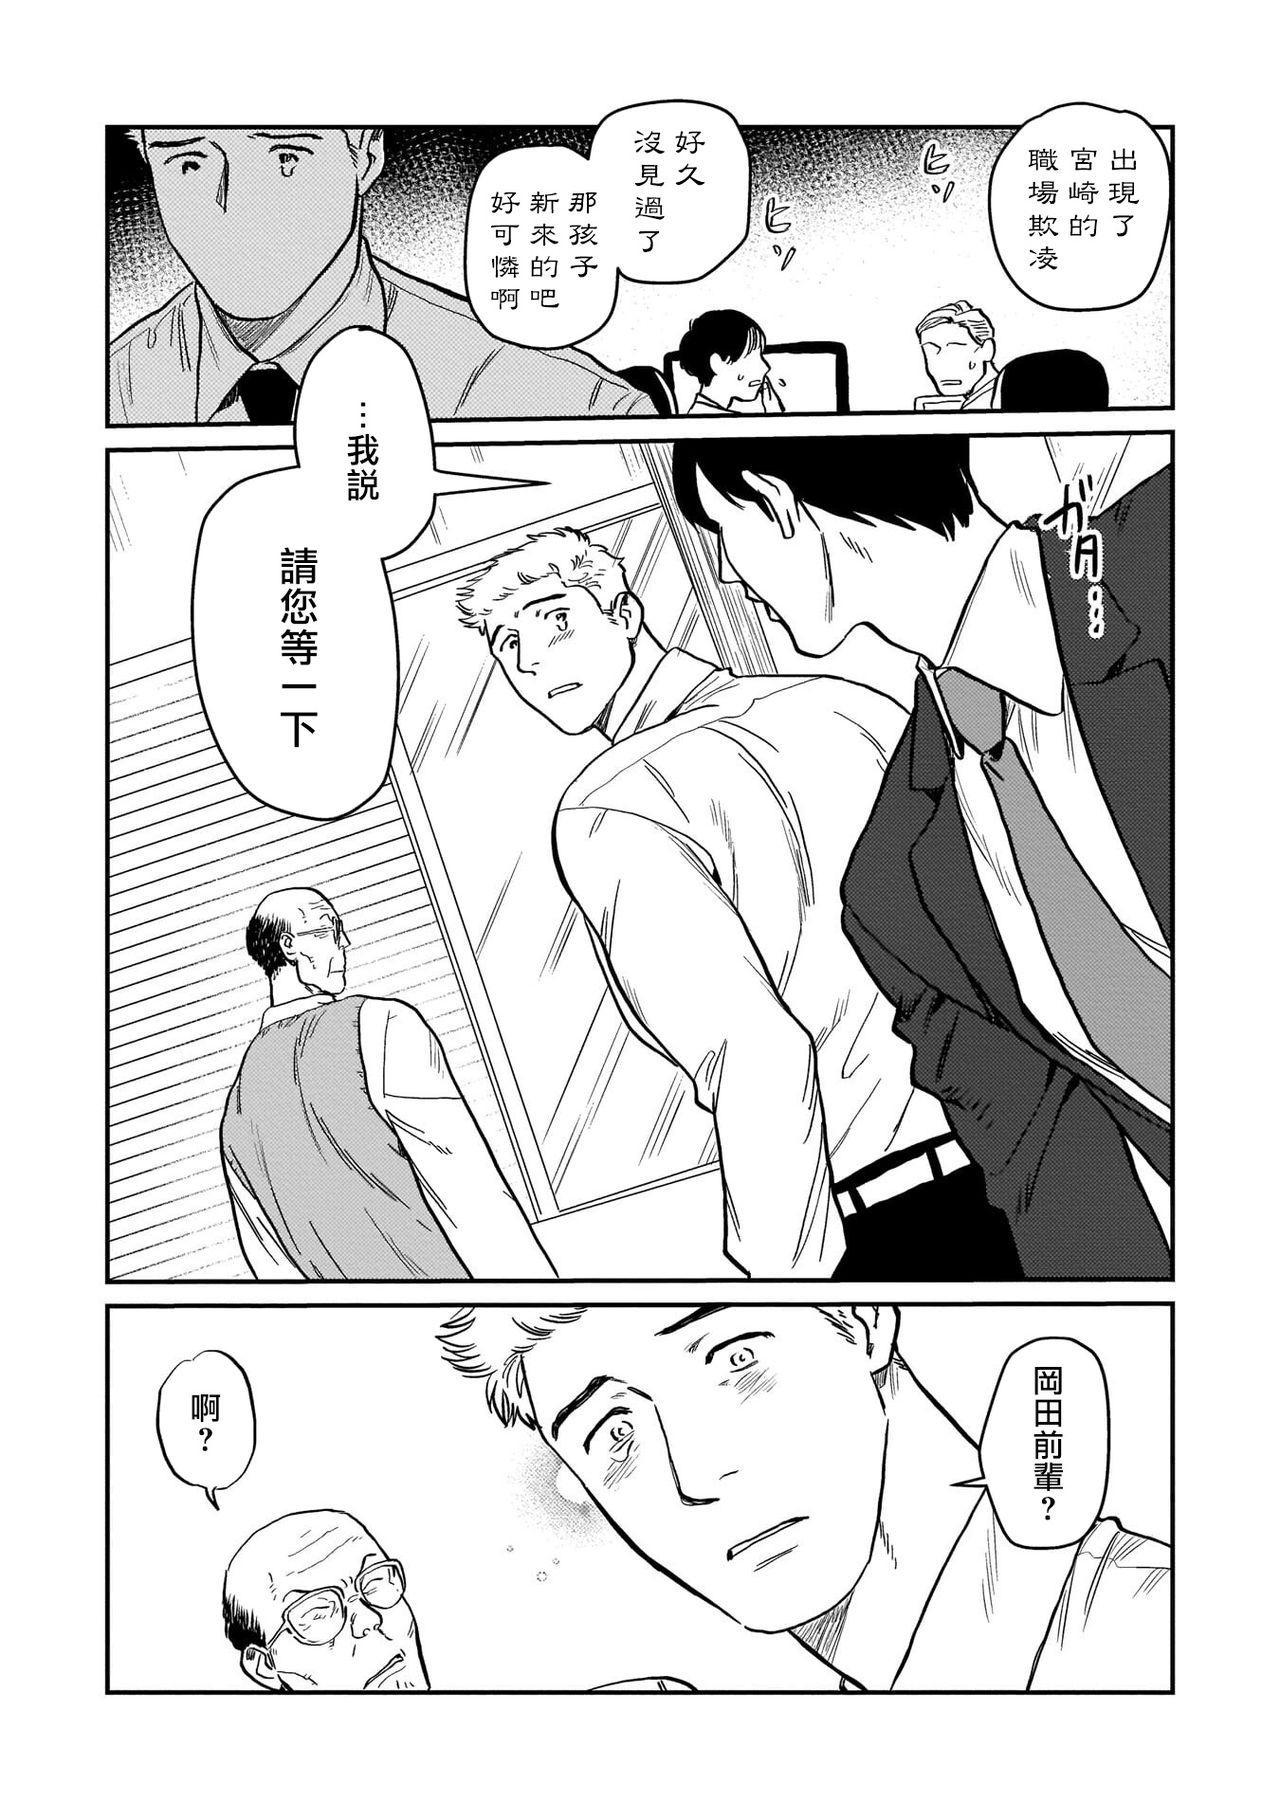 Kouhai no Oppai ga Suki Sugiru | 我太喜欢后辈的奶子了 Ch. 1-2 35